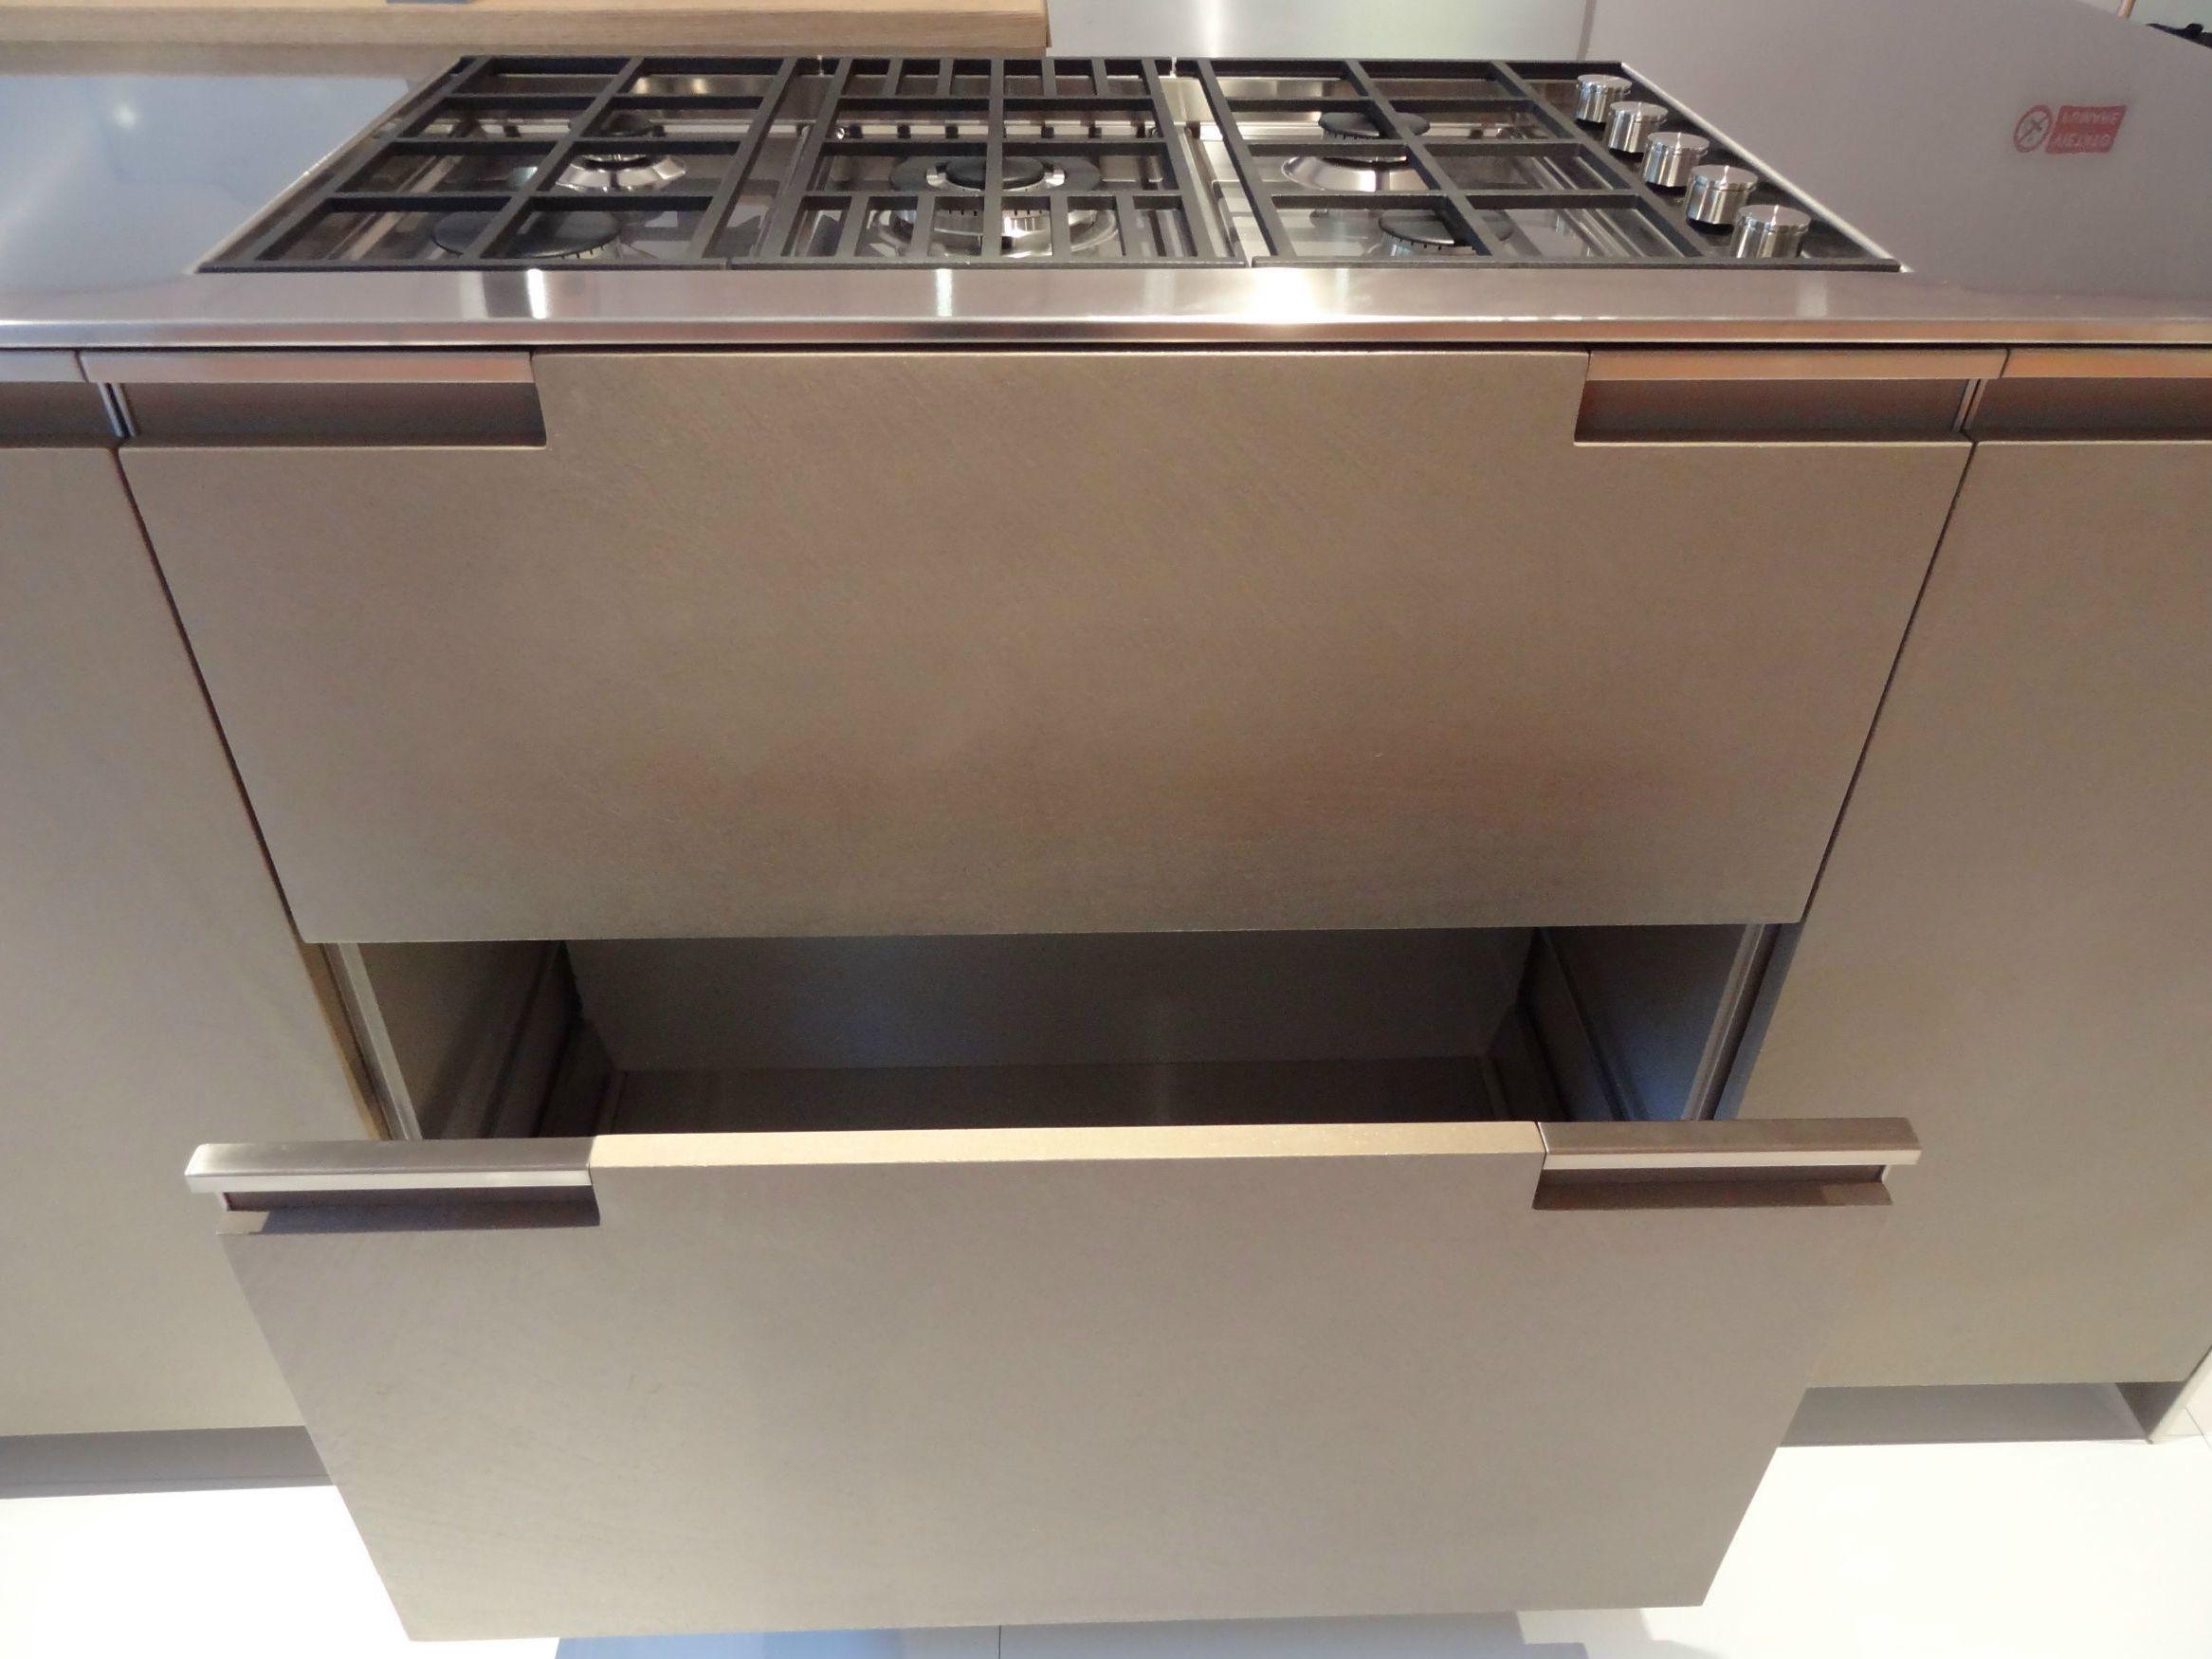 NOBLESSE Cucina In MDF By Aster Cucine Design Lorenzo Granocchia #7F734C 2333 1750 Ante Cucina Disegnate